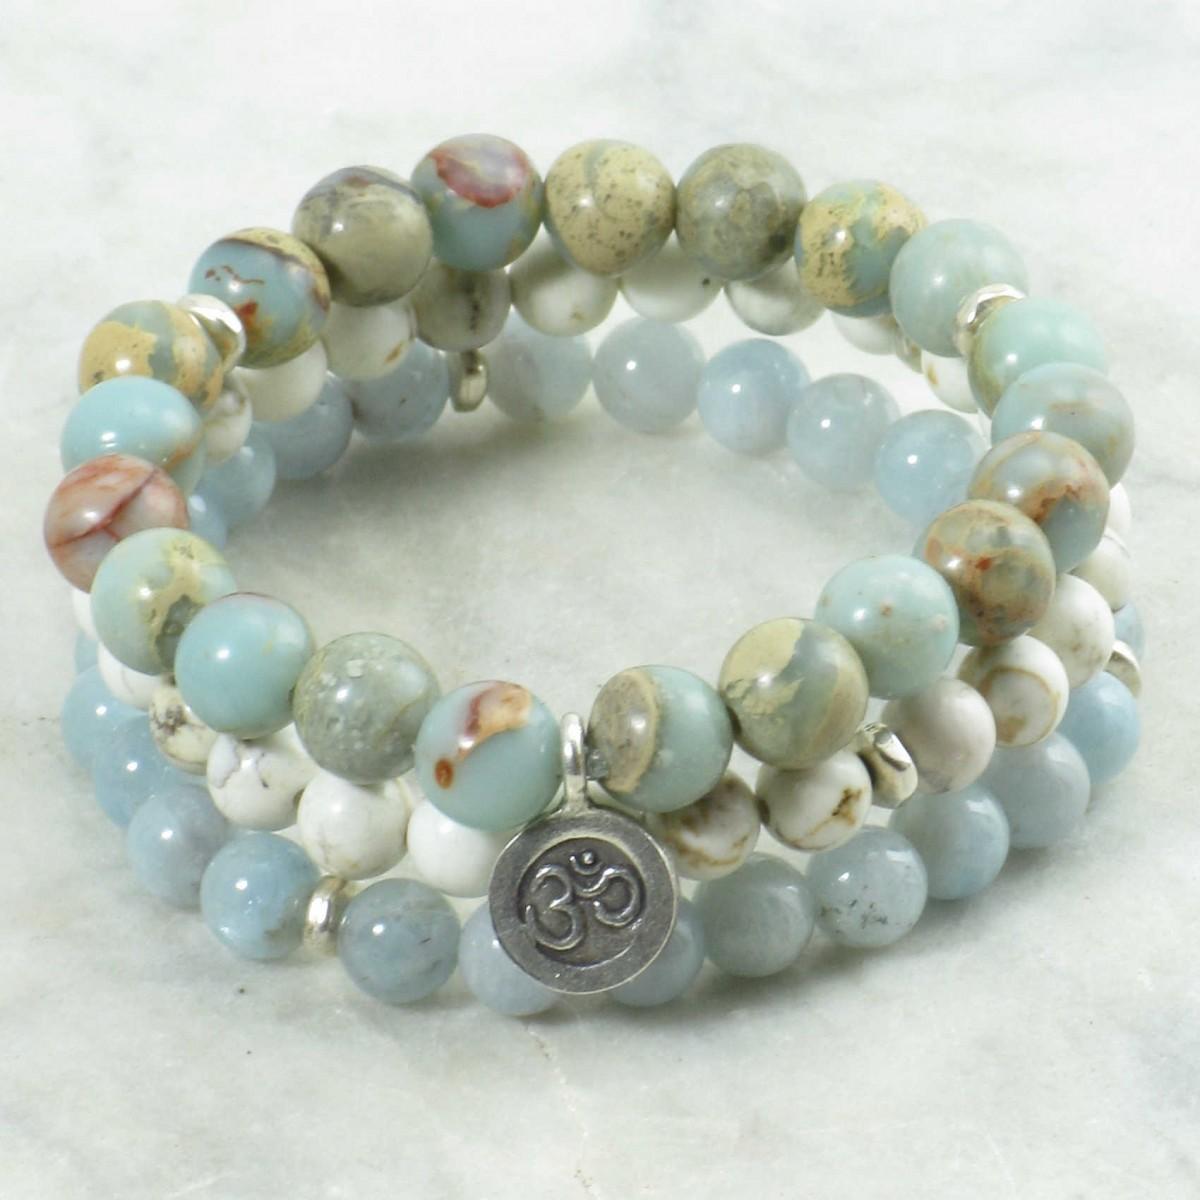 Soham_Mala_Beads_Stack_21_Serpentine_Aquamarine_Howlite_Mala_Beads_Buddhist_Prayer_Beads